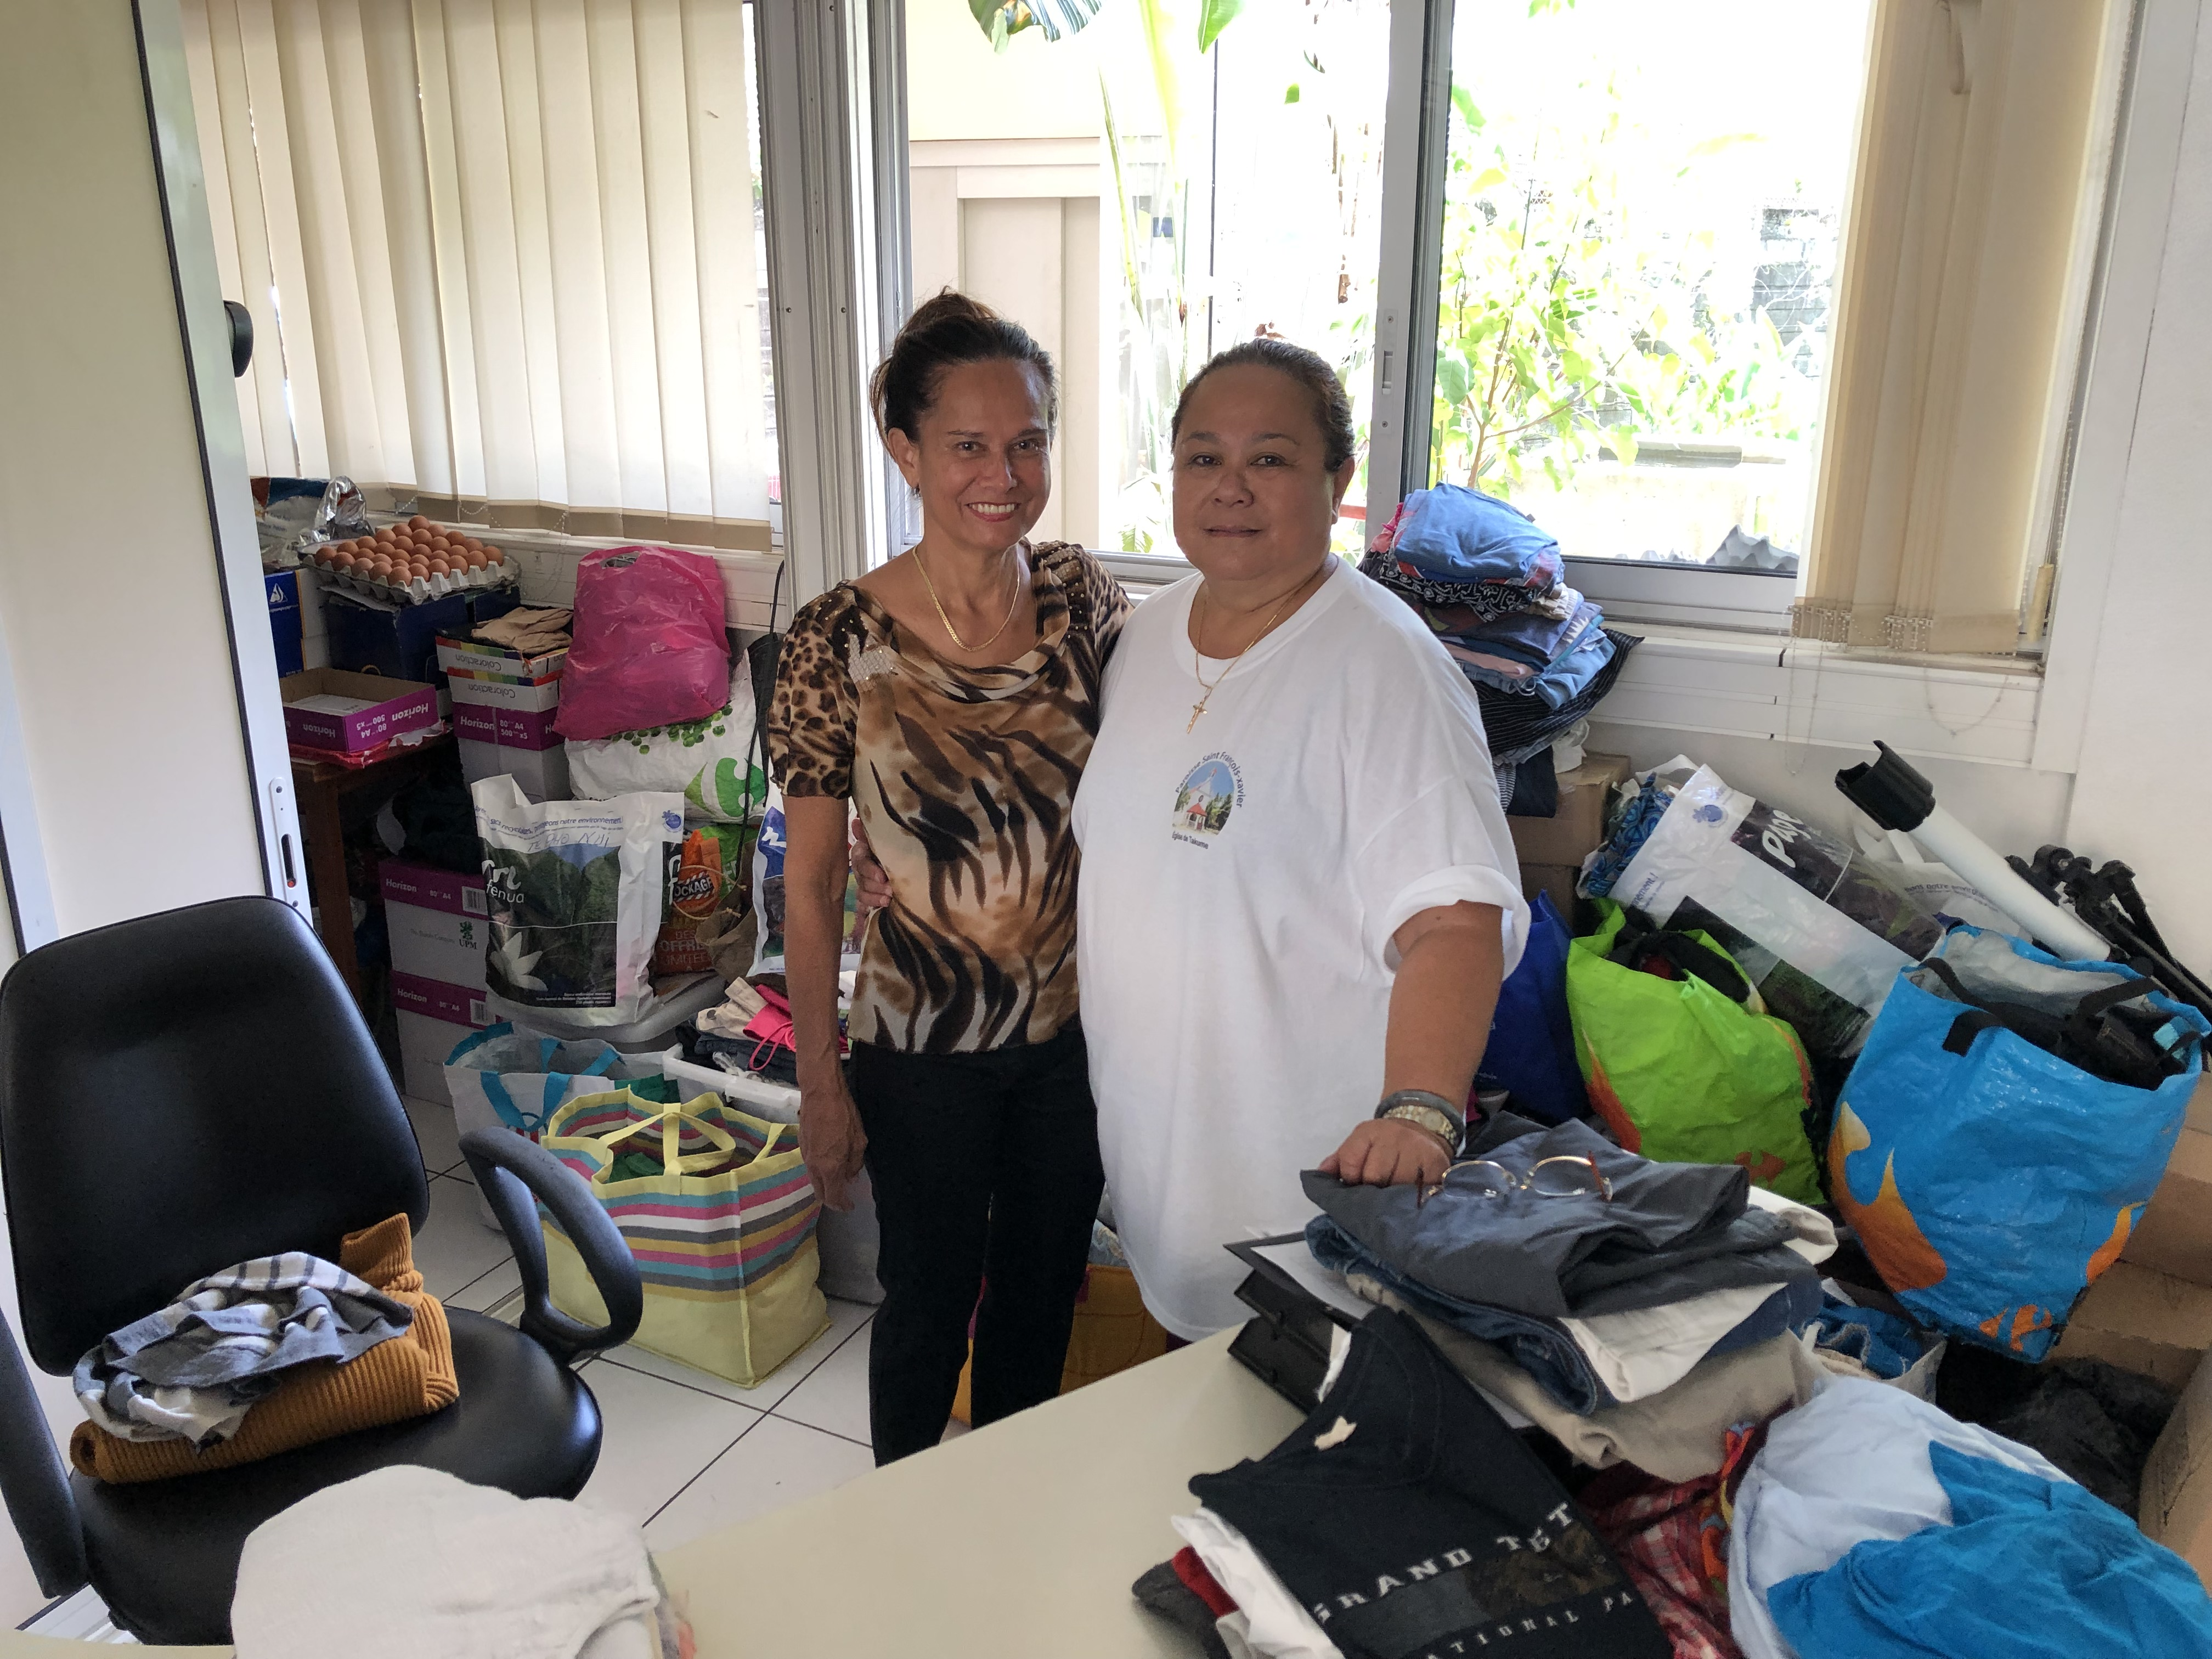 Les nombreux dons reçus sont minutieusement trié par l'équipe de bénévole.